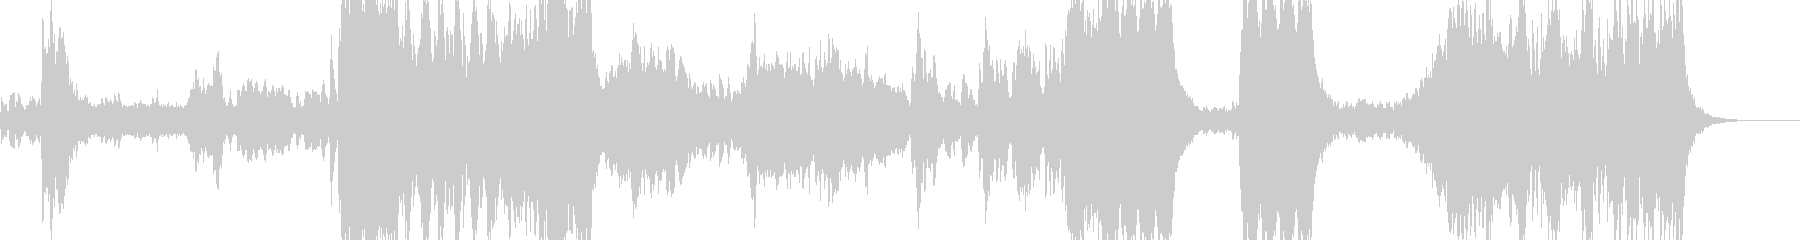 交響曲第4番第4楽章/ベートーベンの未再生の波形